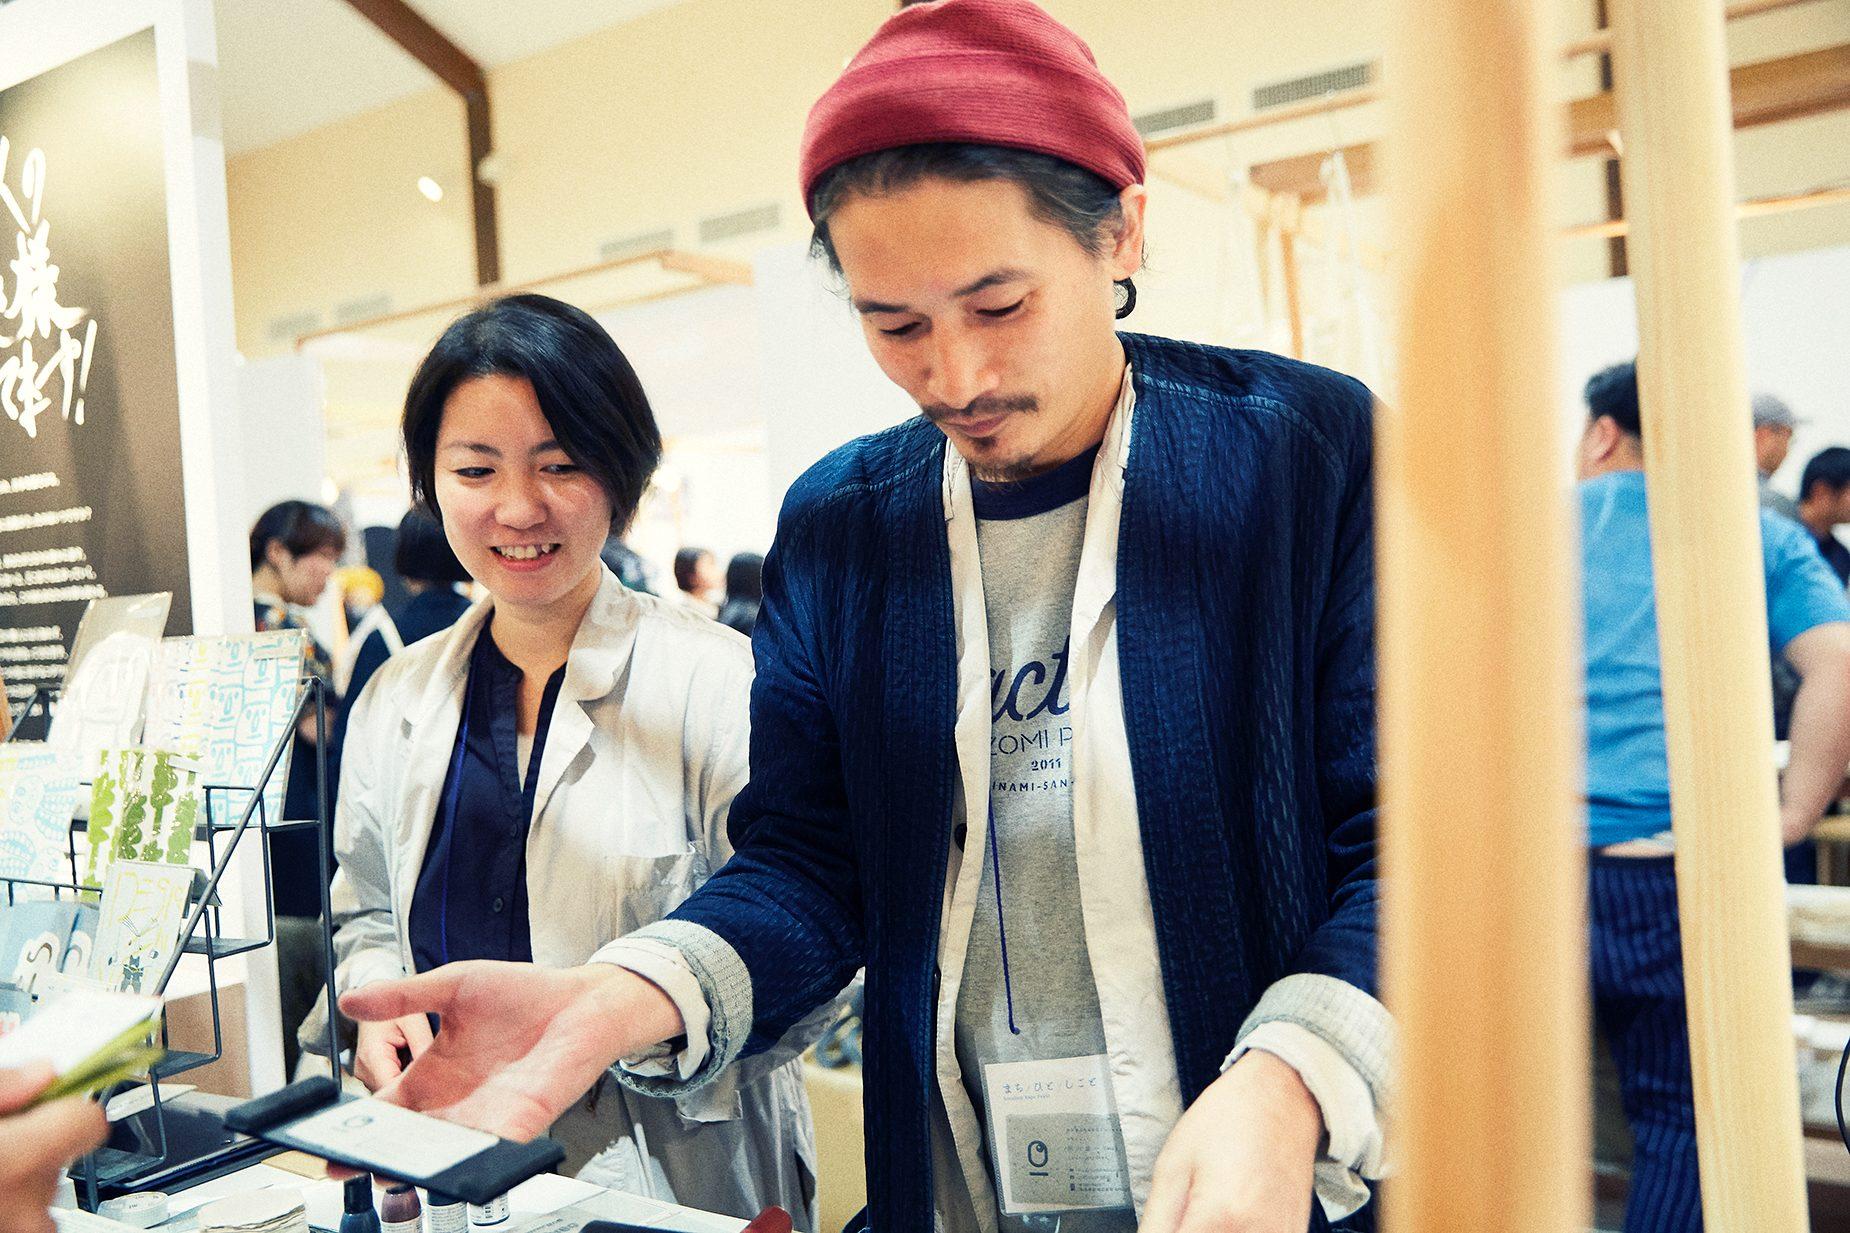 前川雄一さんと亜希子さんによる夫婦デザインユニット「HUMORABO」。福祉商品の企画・販売を通じ、「デザイン×福祉」のさらなる可能性を探るため、2015年よりユニットとして活動を開始。